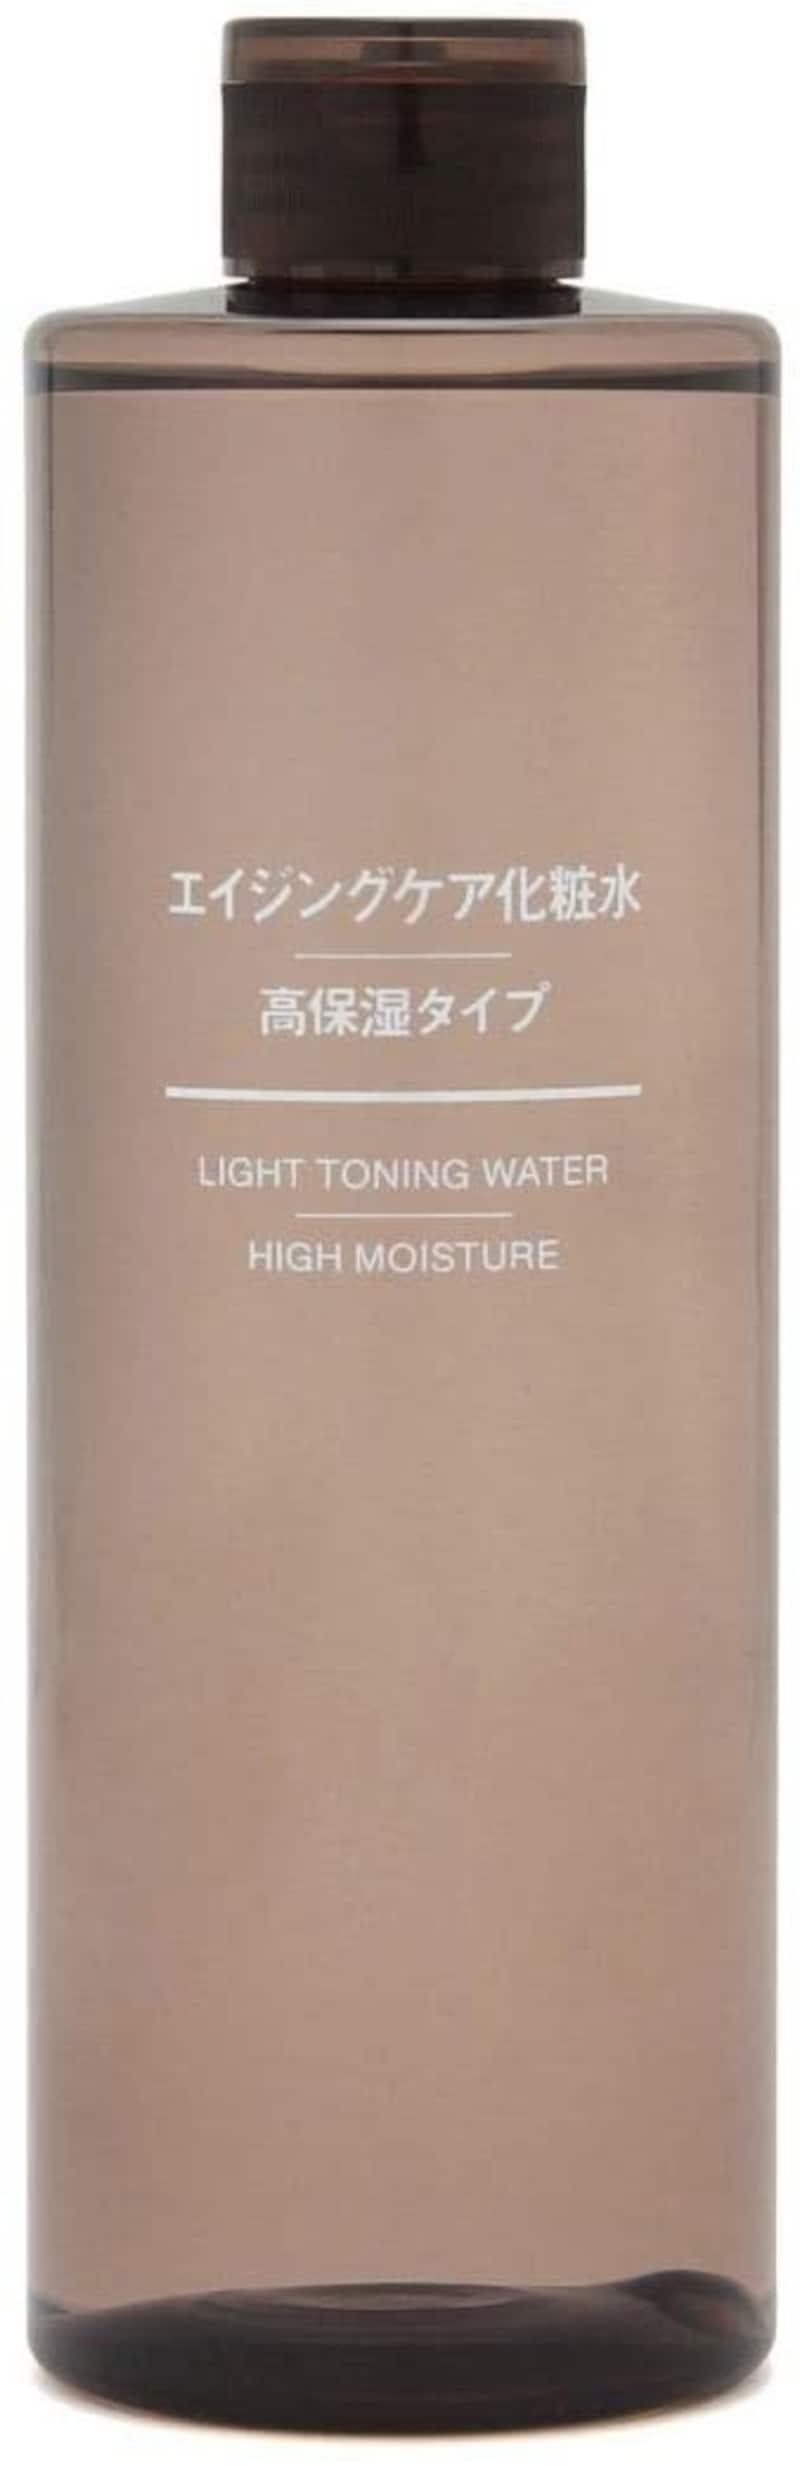 無印良品,エイジングケア化粧水・高保湿タイプ(大容量)